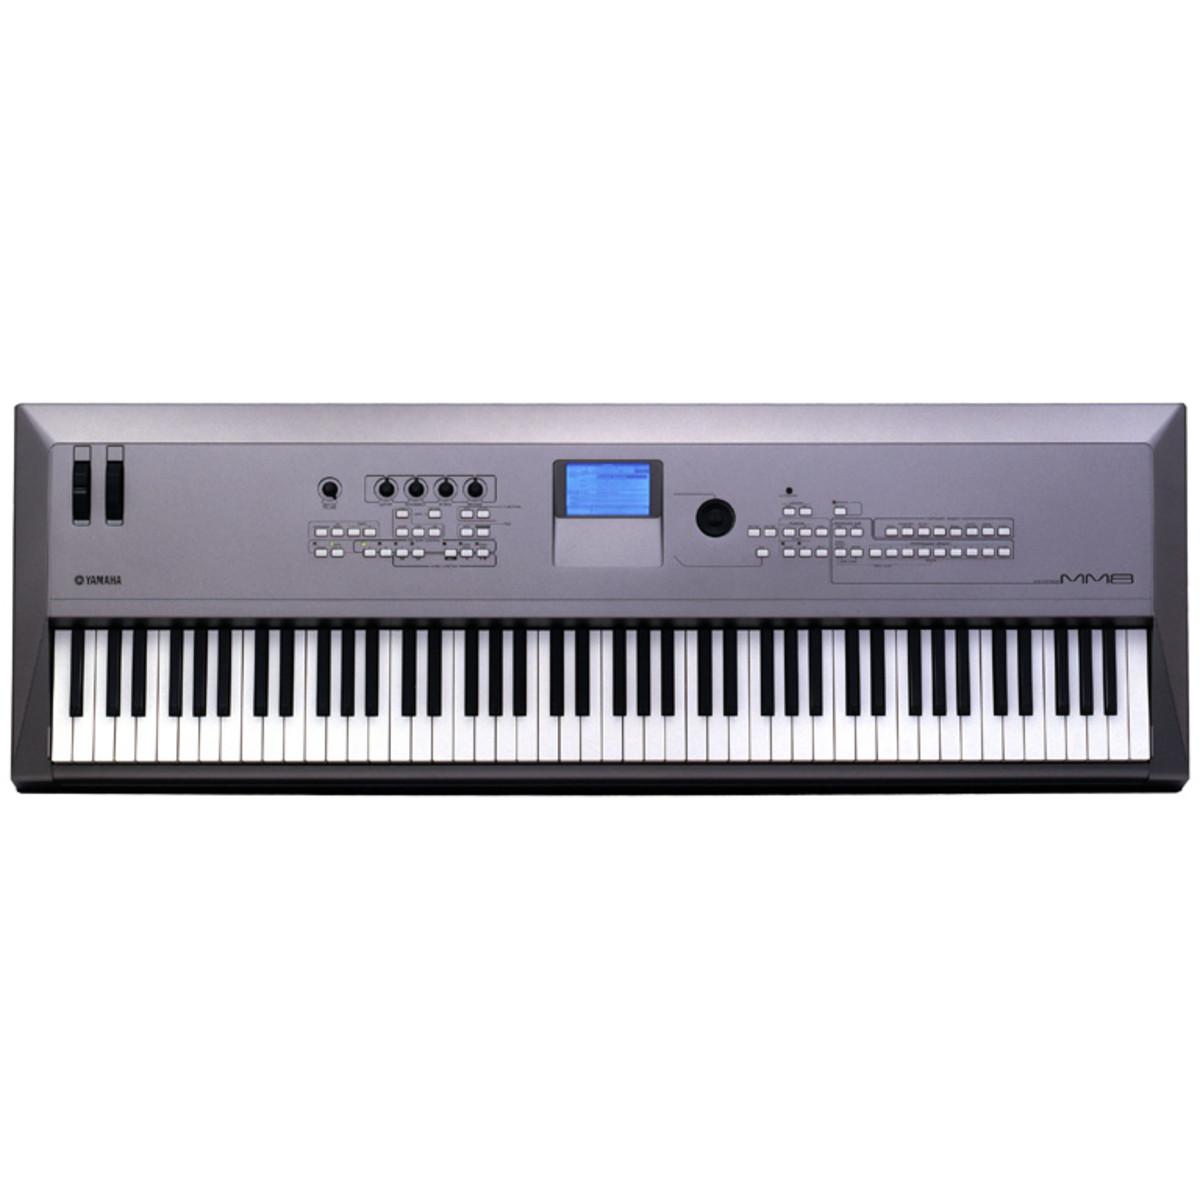 discontinued yamaha mm8 music production synth at gear4music com rh gear4music com yamaha mm8 service manual Yamaha MM8